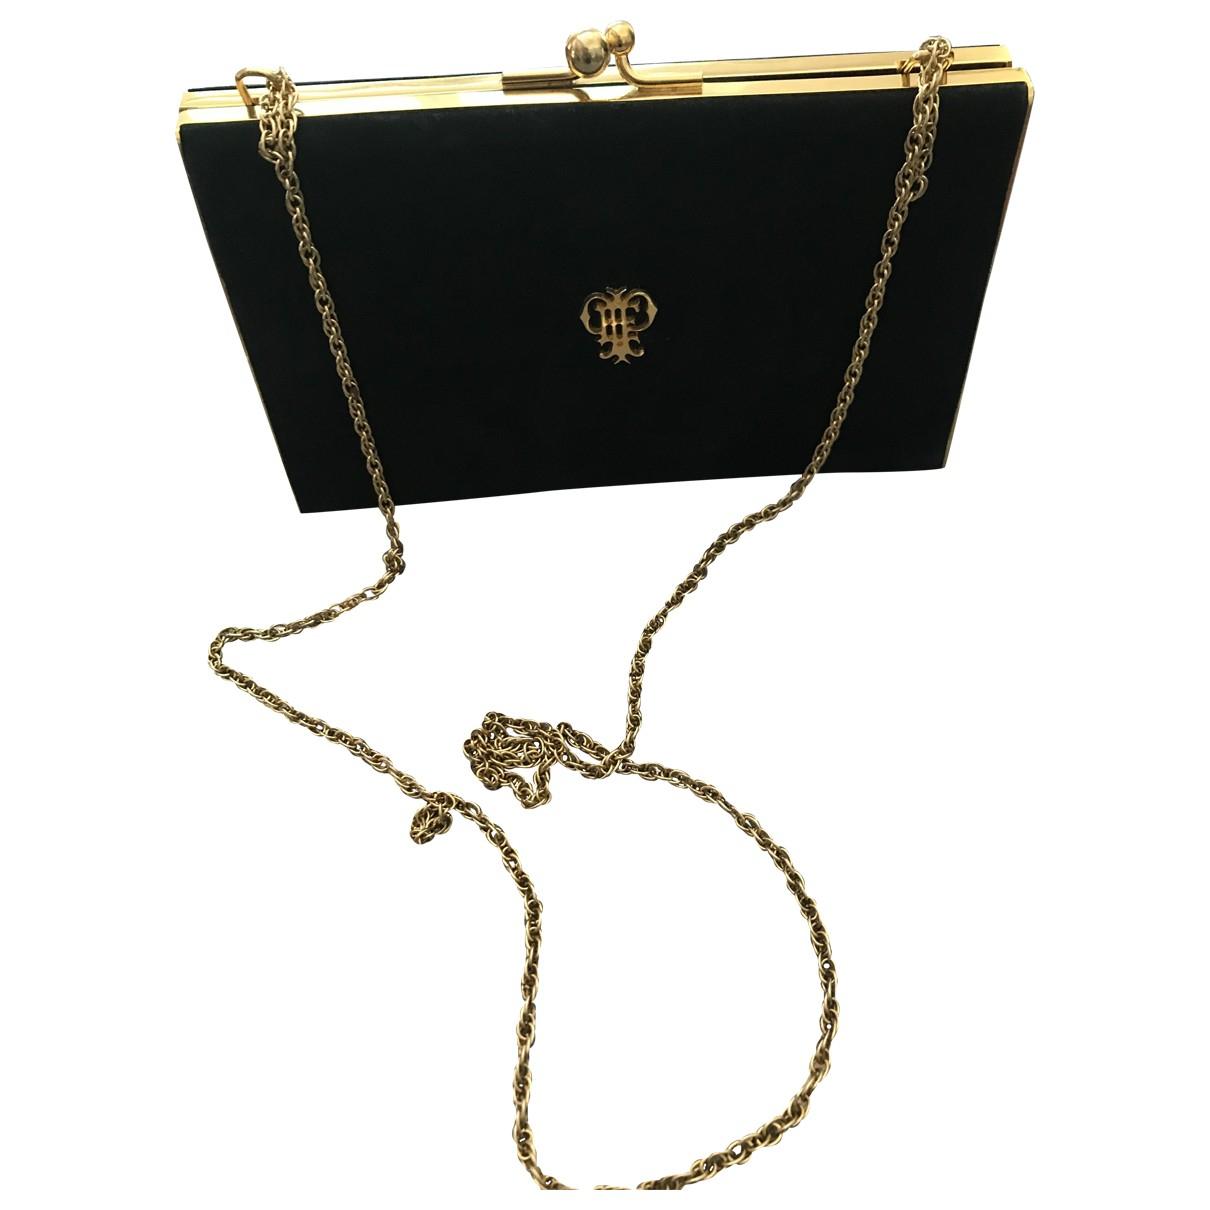 Emilio Pucci \N Black Suede Clutch bag for Women \N